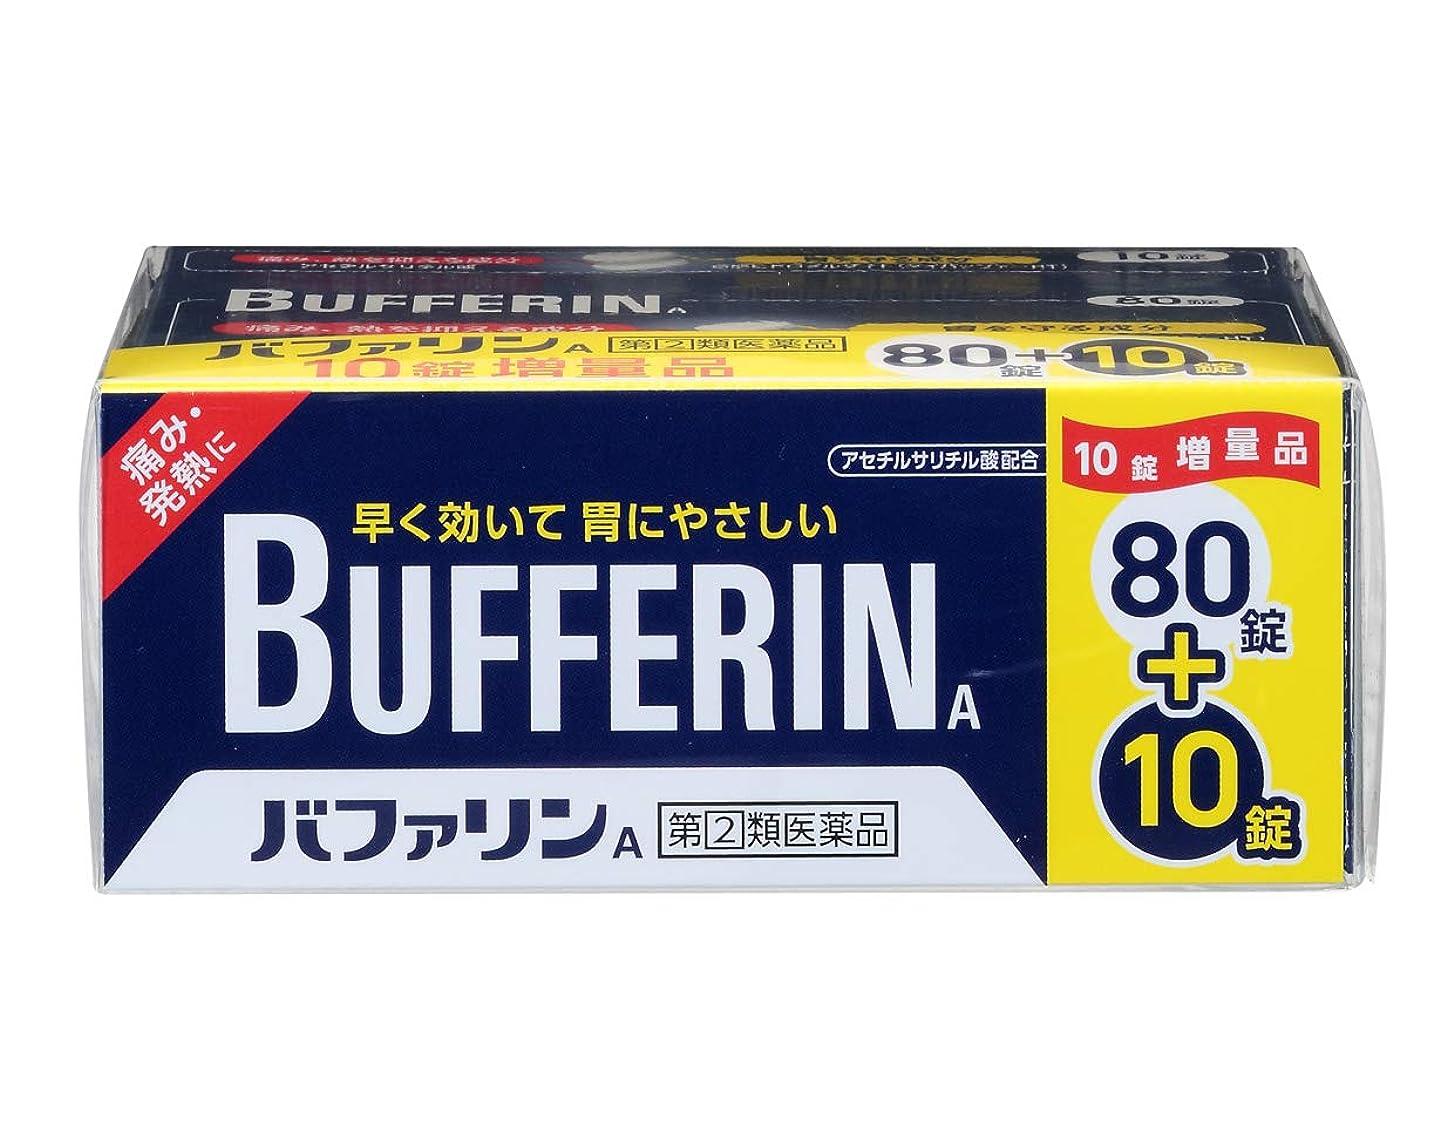 人事ダーリン同化する【指定第2類医薬品】バファリンA(80錠+10錠) 90錠